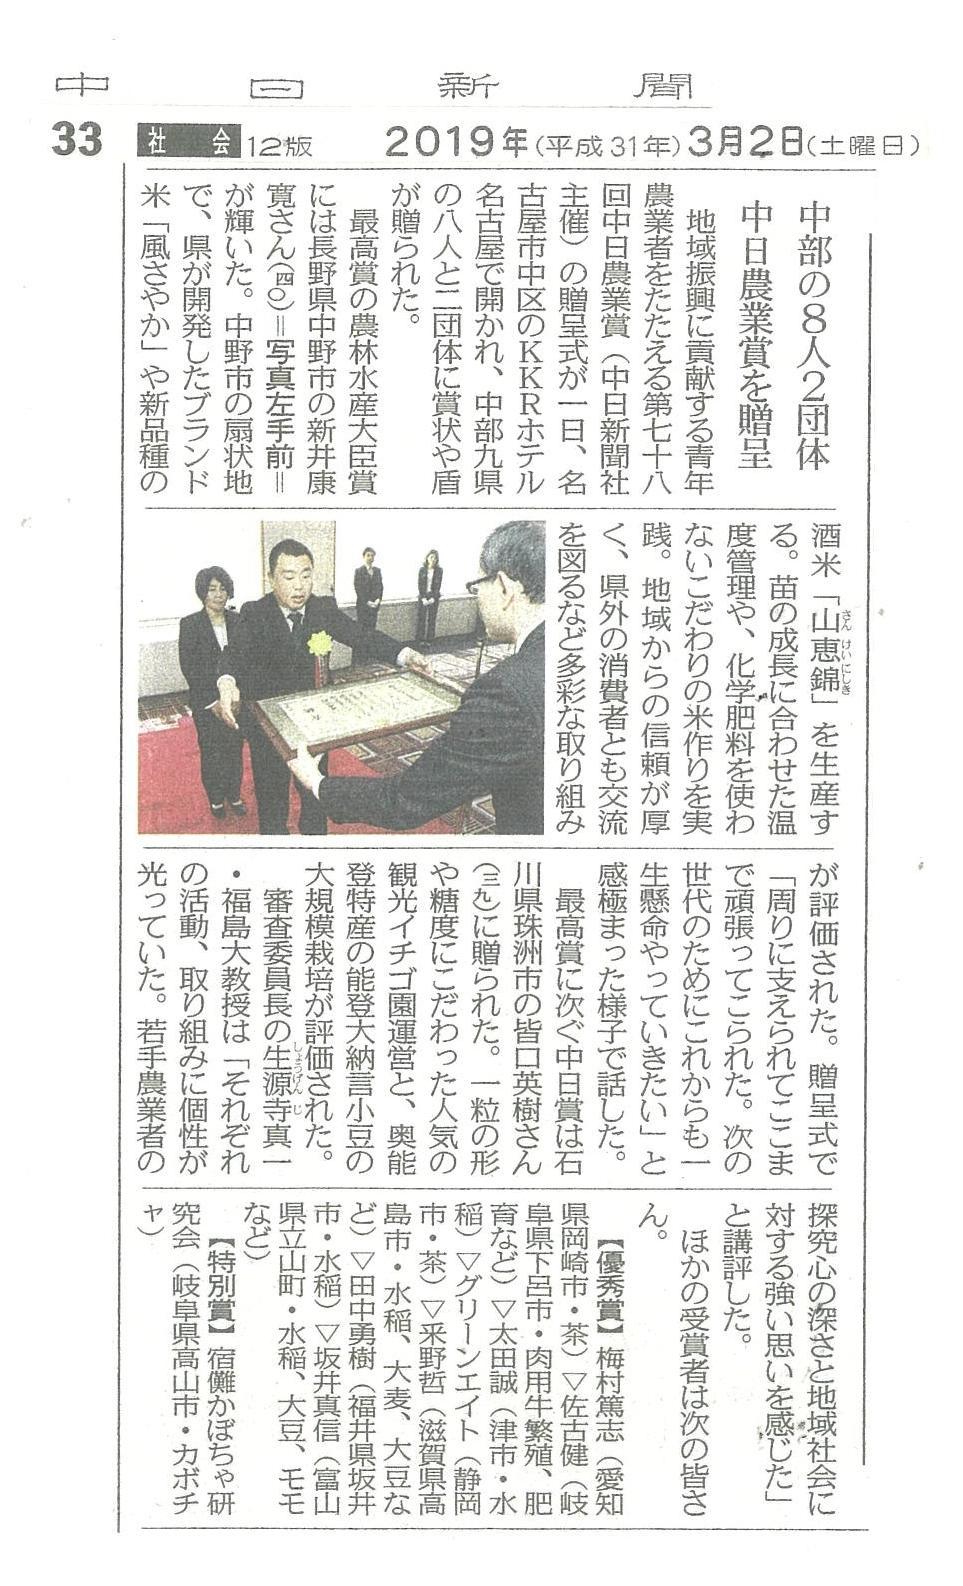 中日新聞 2019年3月2日